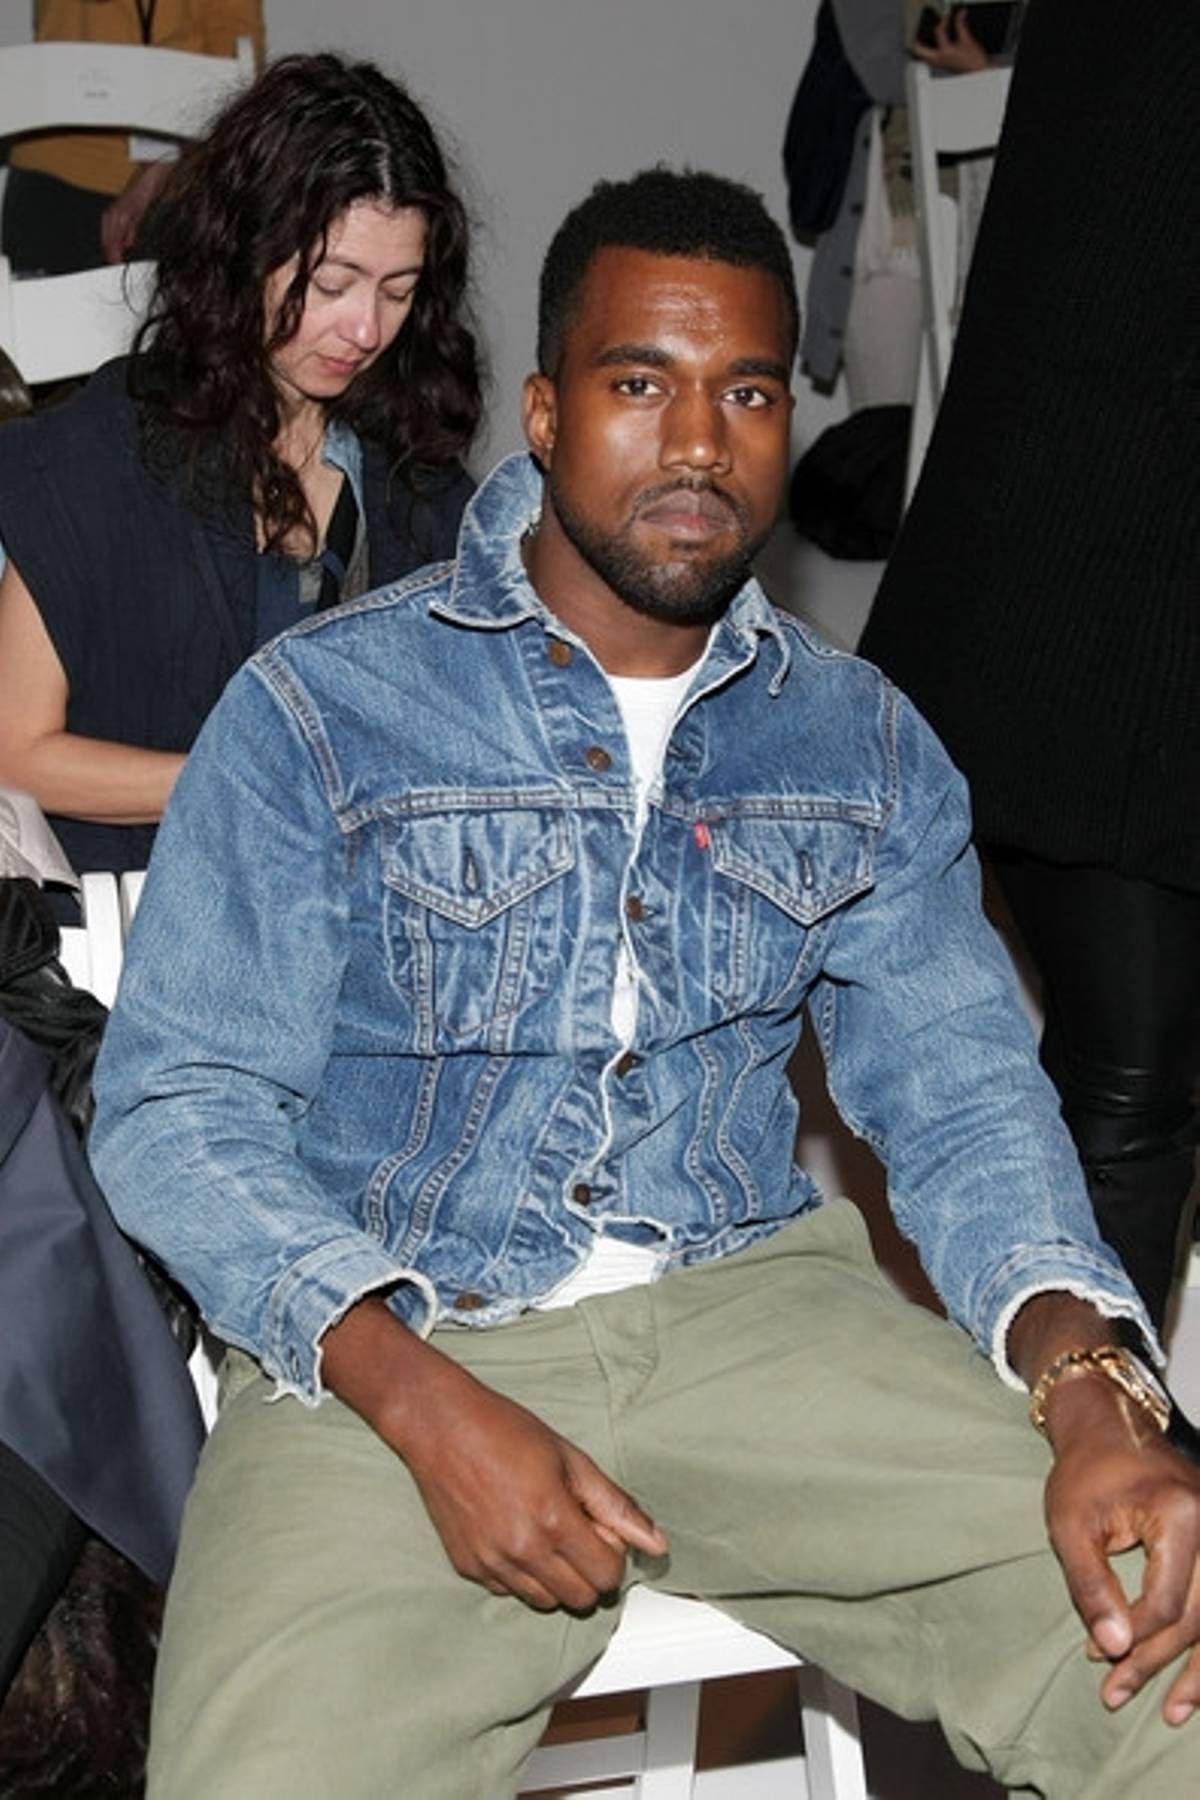 Levi S Kanye West Style Levis Denim Jacket Size M 60 Kanye West Style Kanye West Style Outfits Levi Denim Jacket